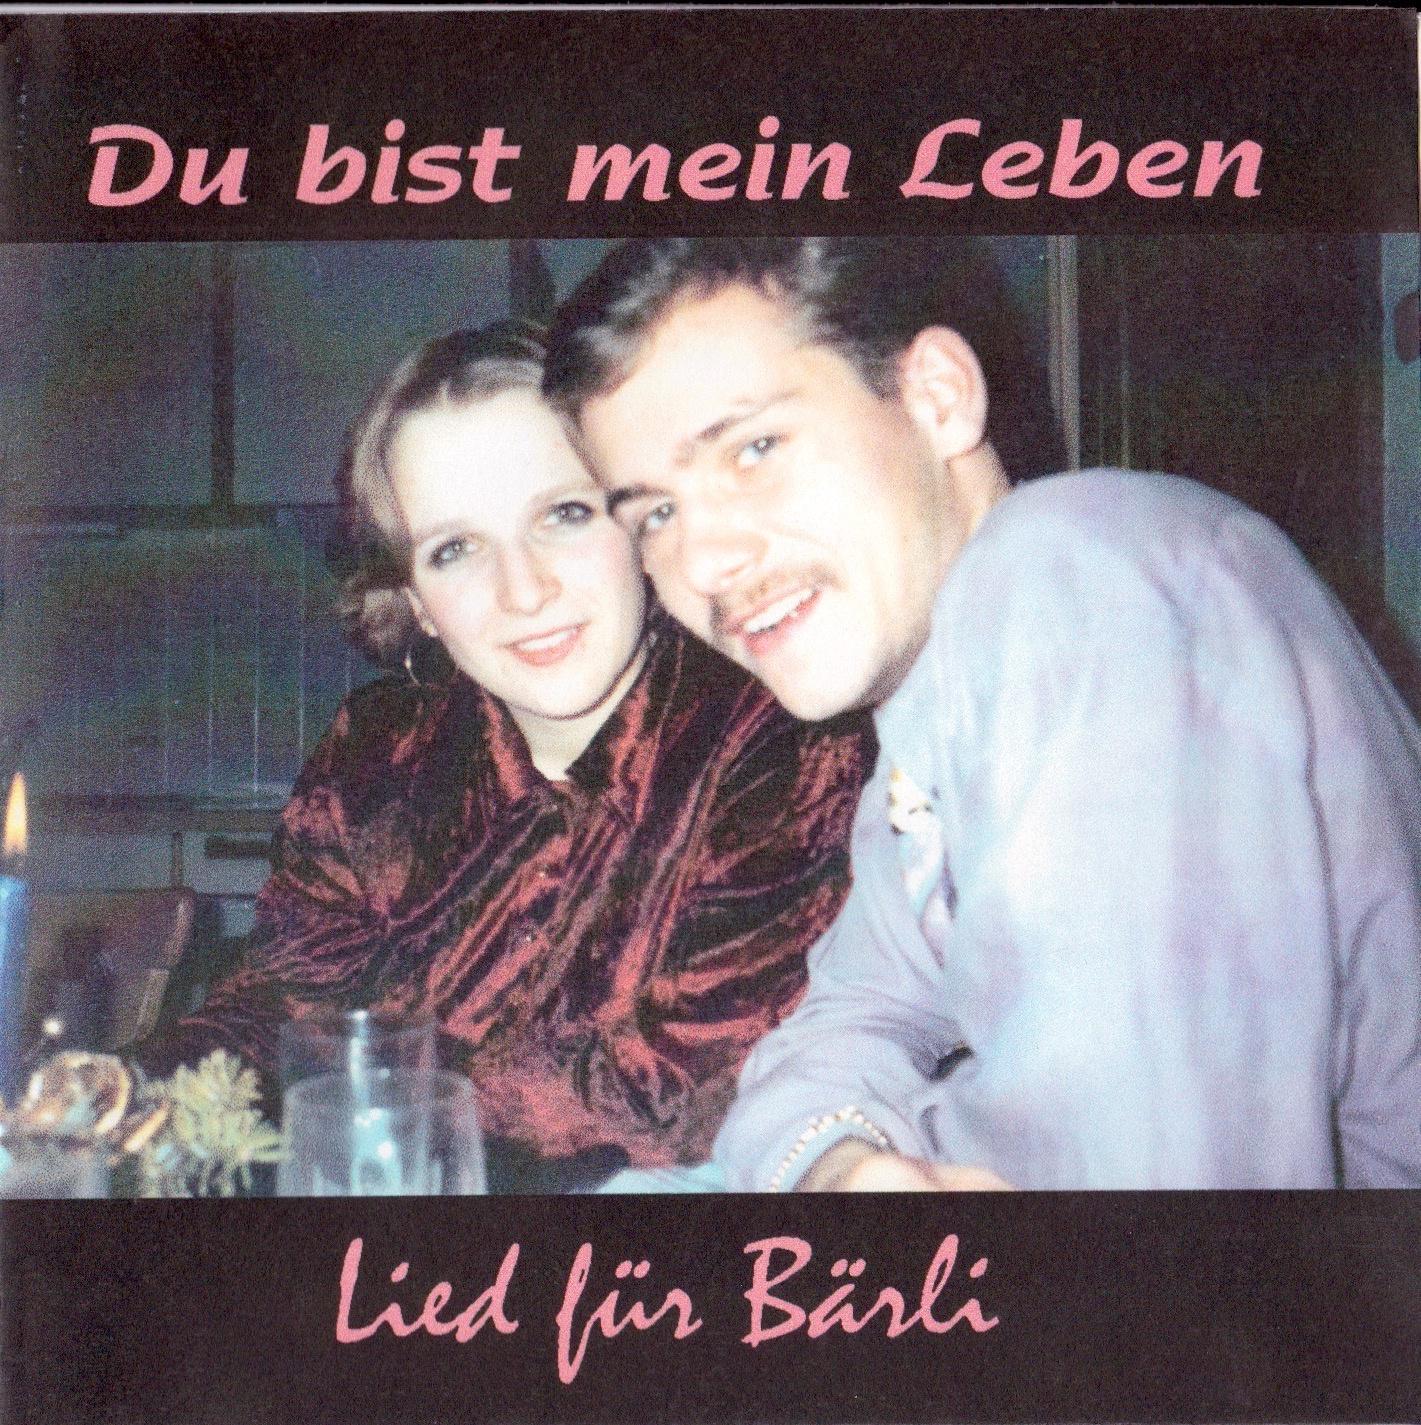 https://0501.nccdn.net/4_2/000/000/002/0e9/Du-bist-mein-Leben-1421x1425.jpg